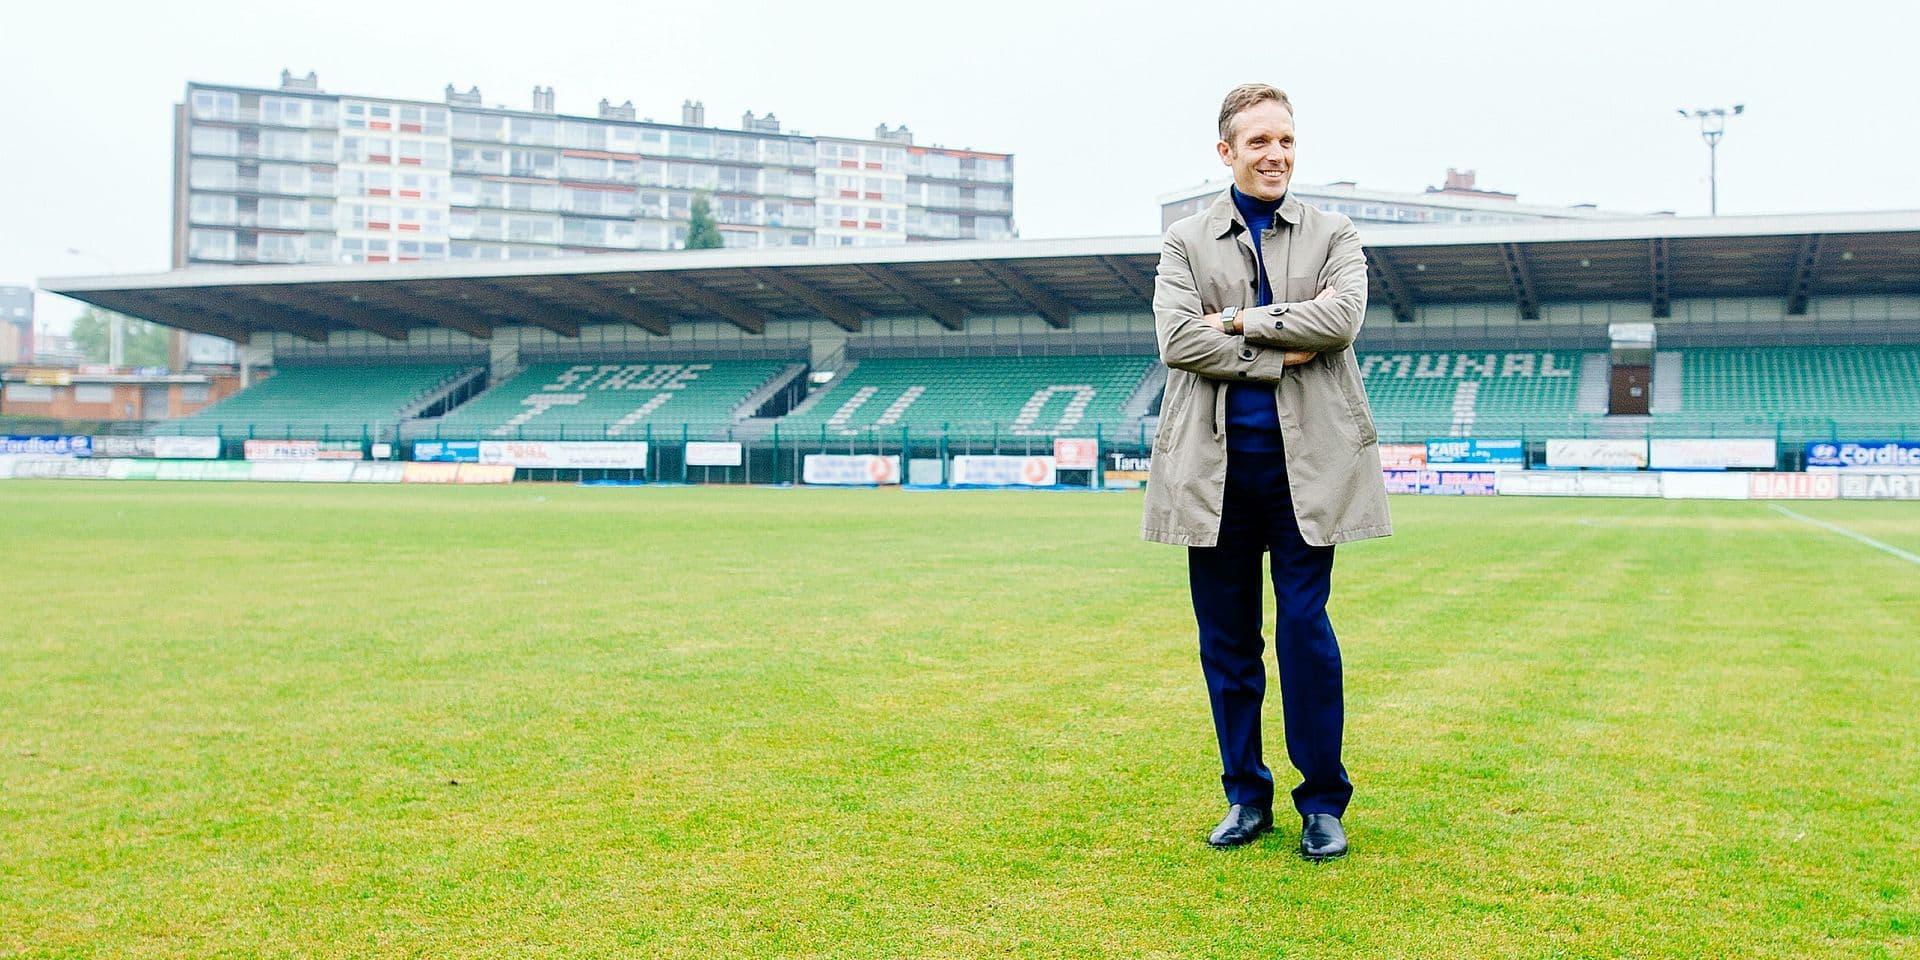 """Salvatore Curaba: """"Le problème, ce n'est pas moi mais l'argent noir dans le football"""""""